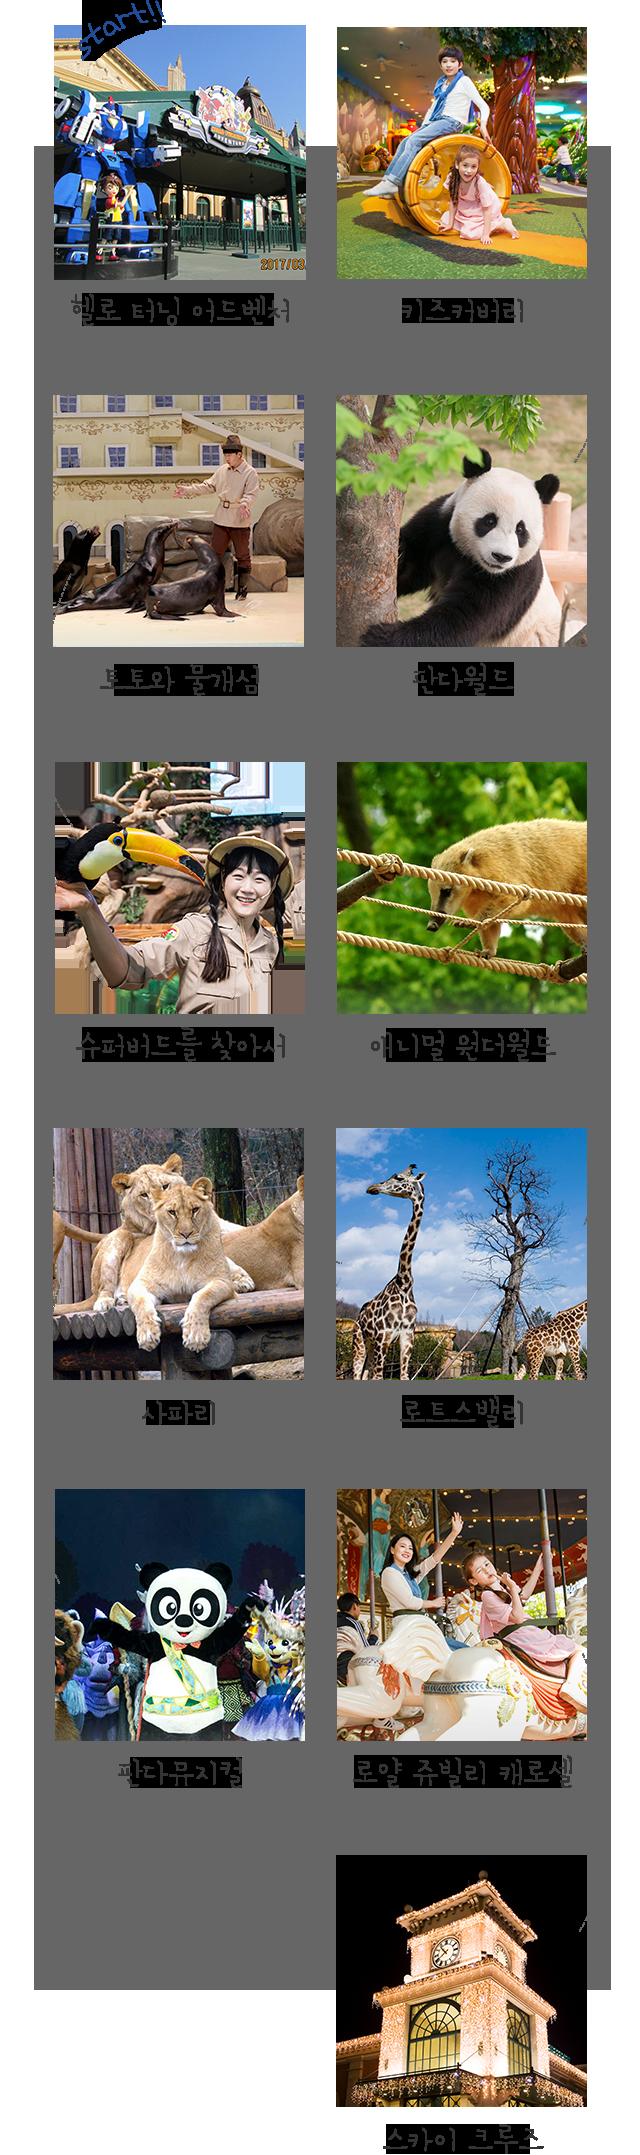 공연과 동물 이미지